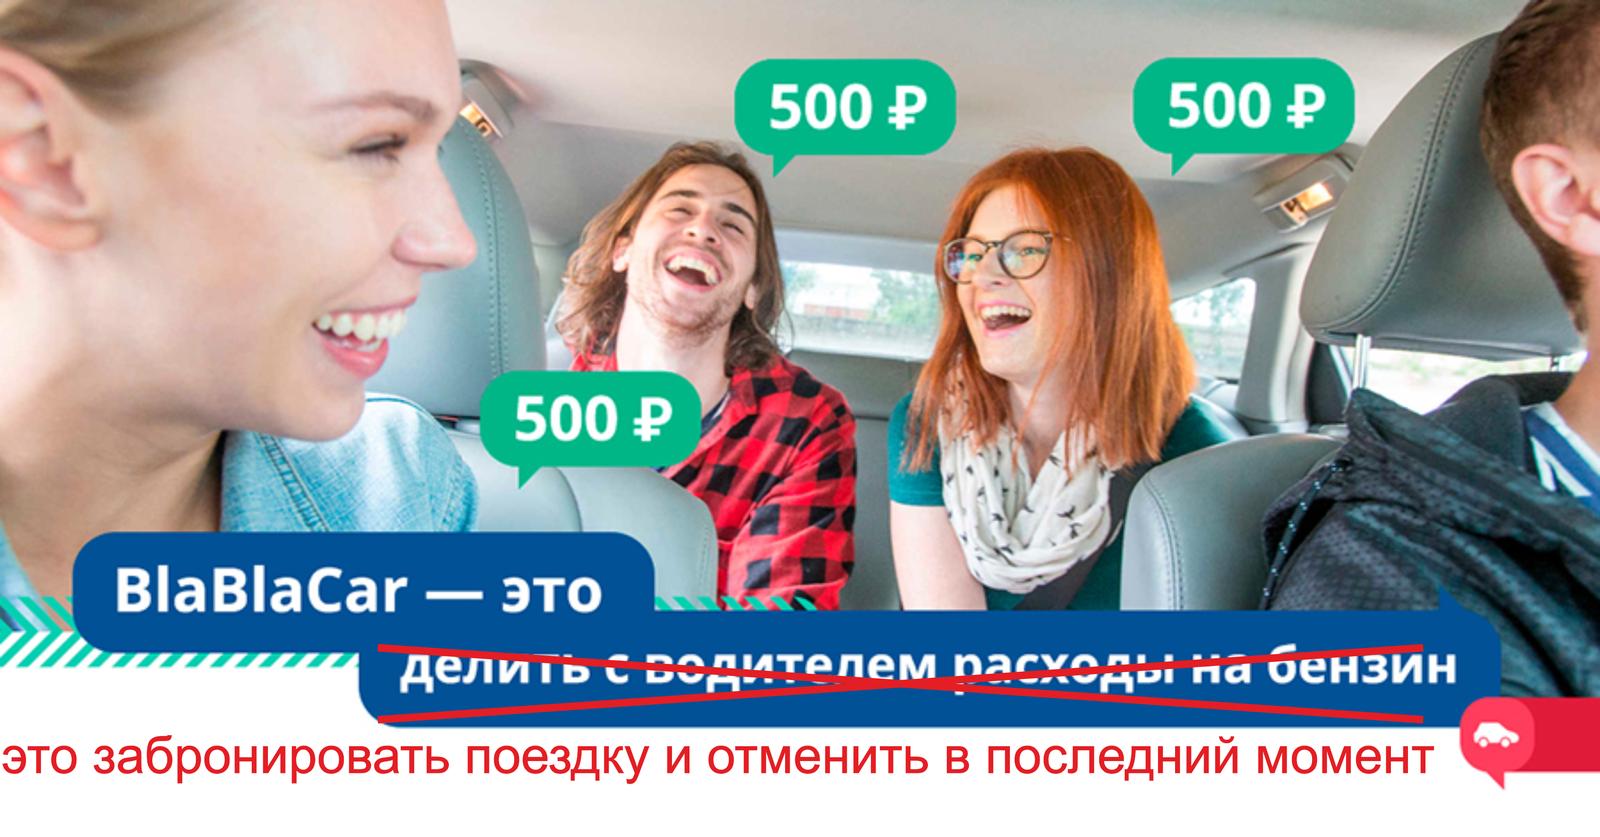 pravda-li-chto-taksisti-viebli-ochen-mnogih-zhenshin